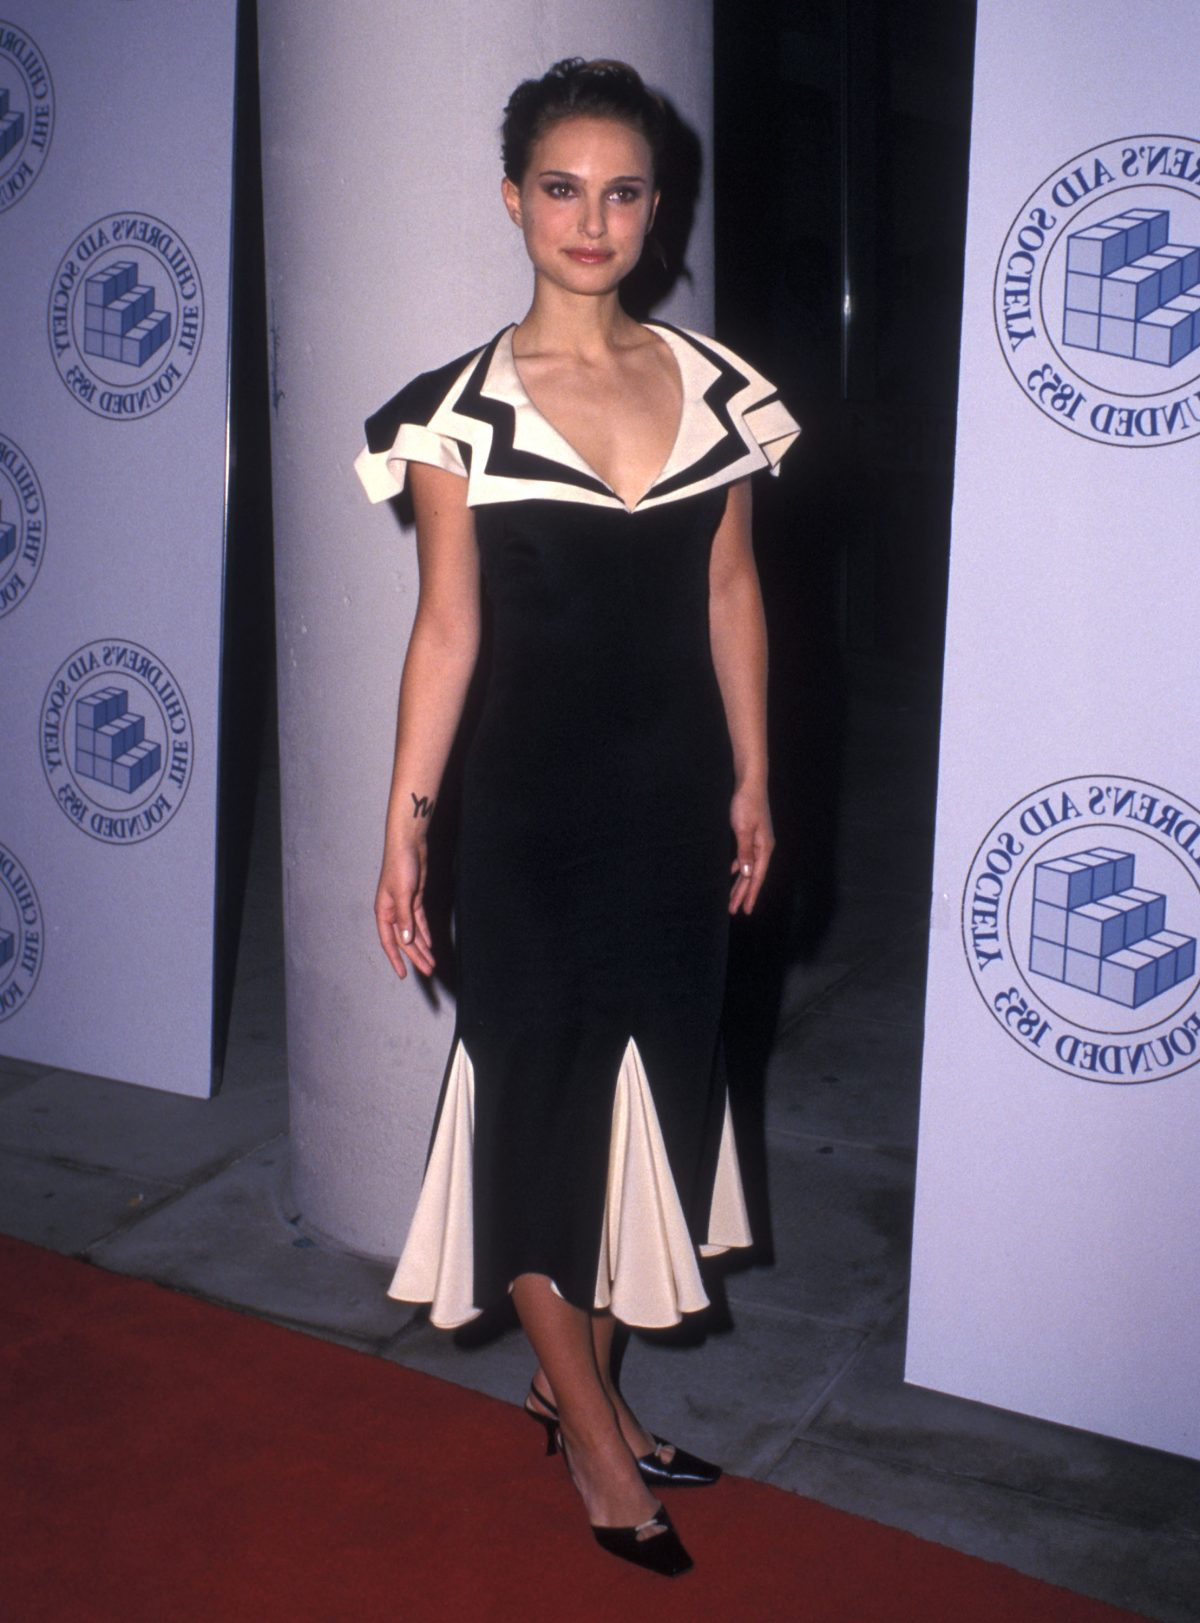 Natalie Portman mặc thiết kế trong BST đầu tay của anh tại buổi công chiếu Star War năm 2002.